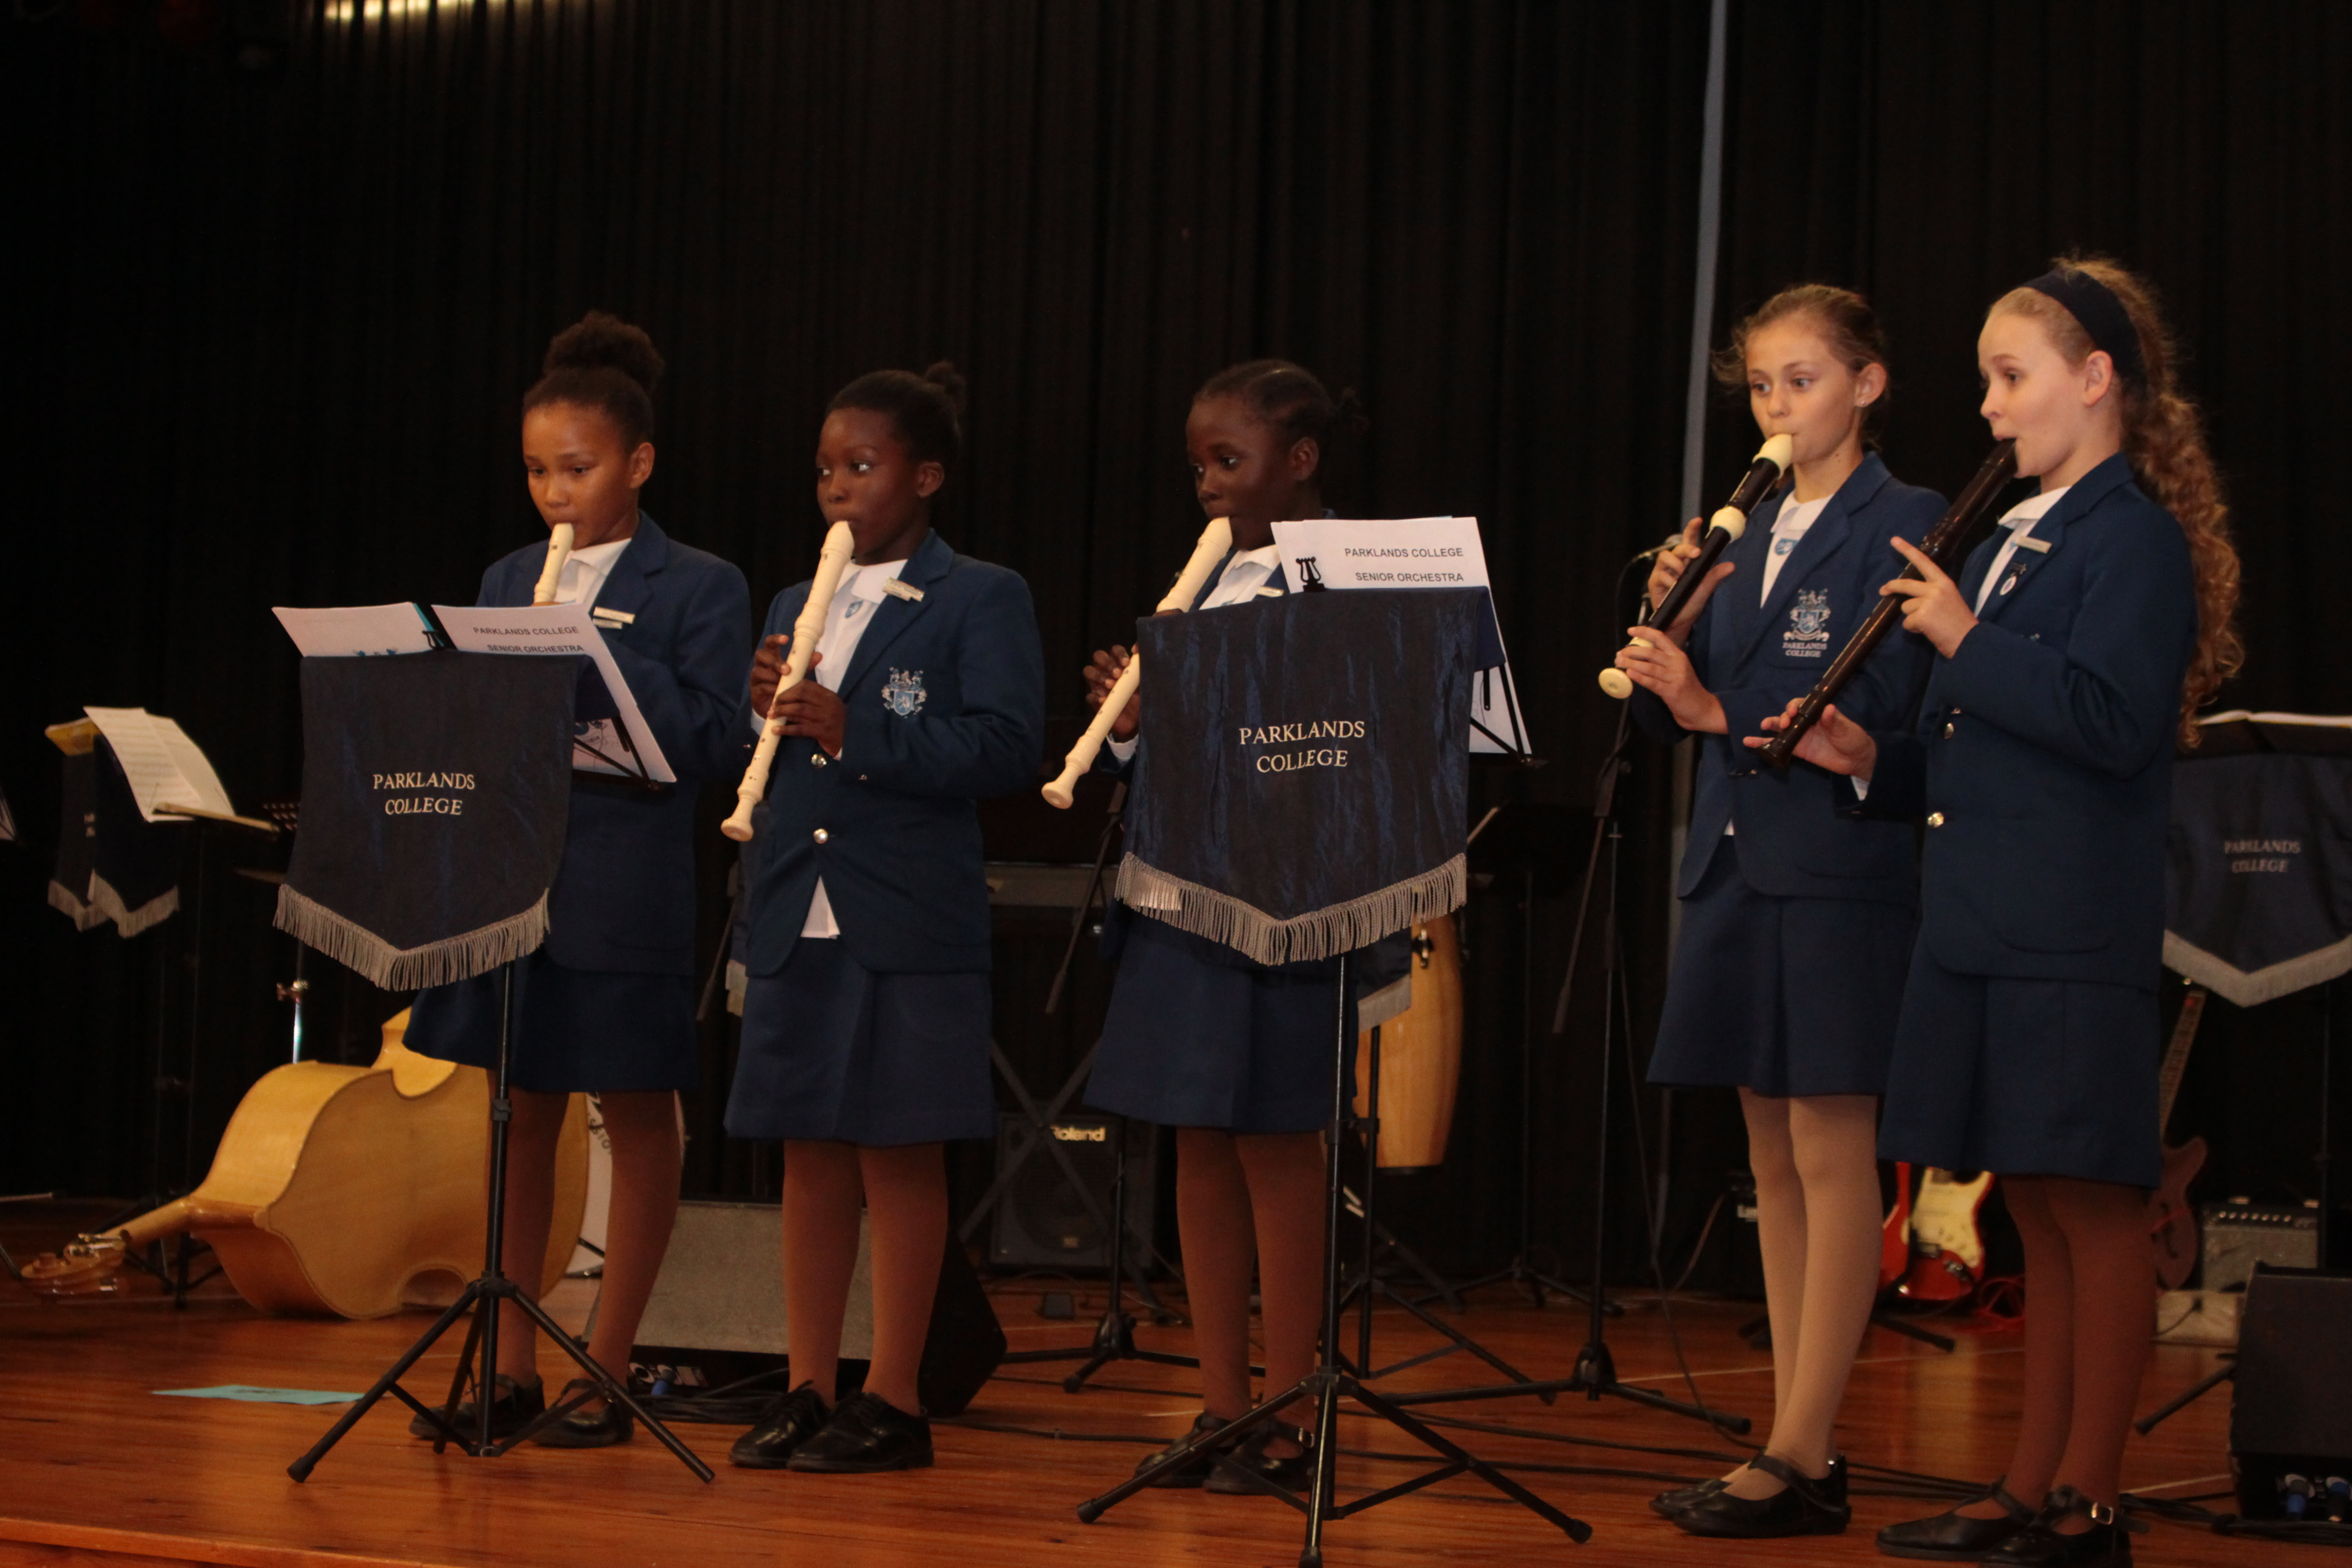 Parklands College Senior Preparatory Music